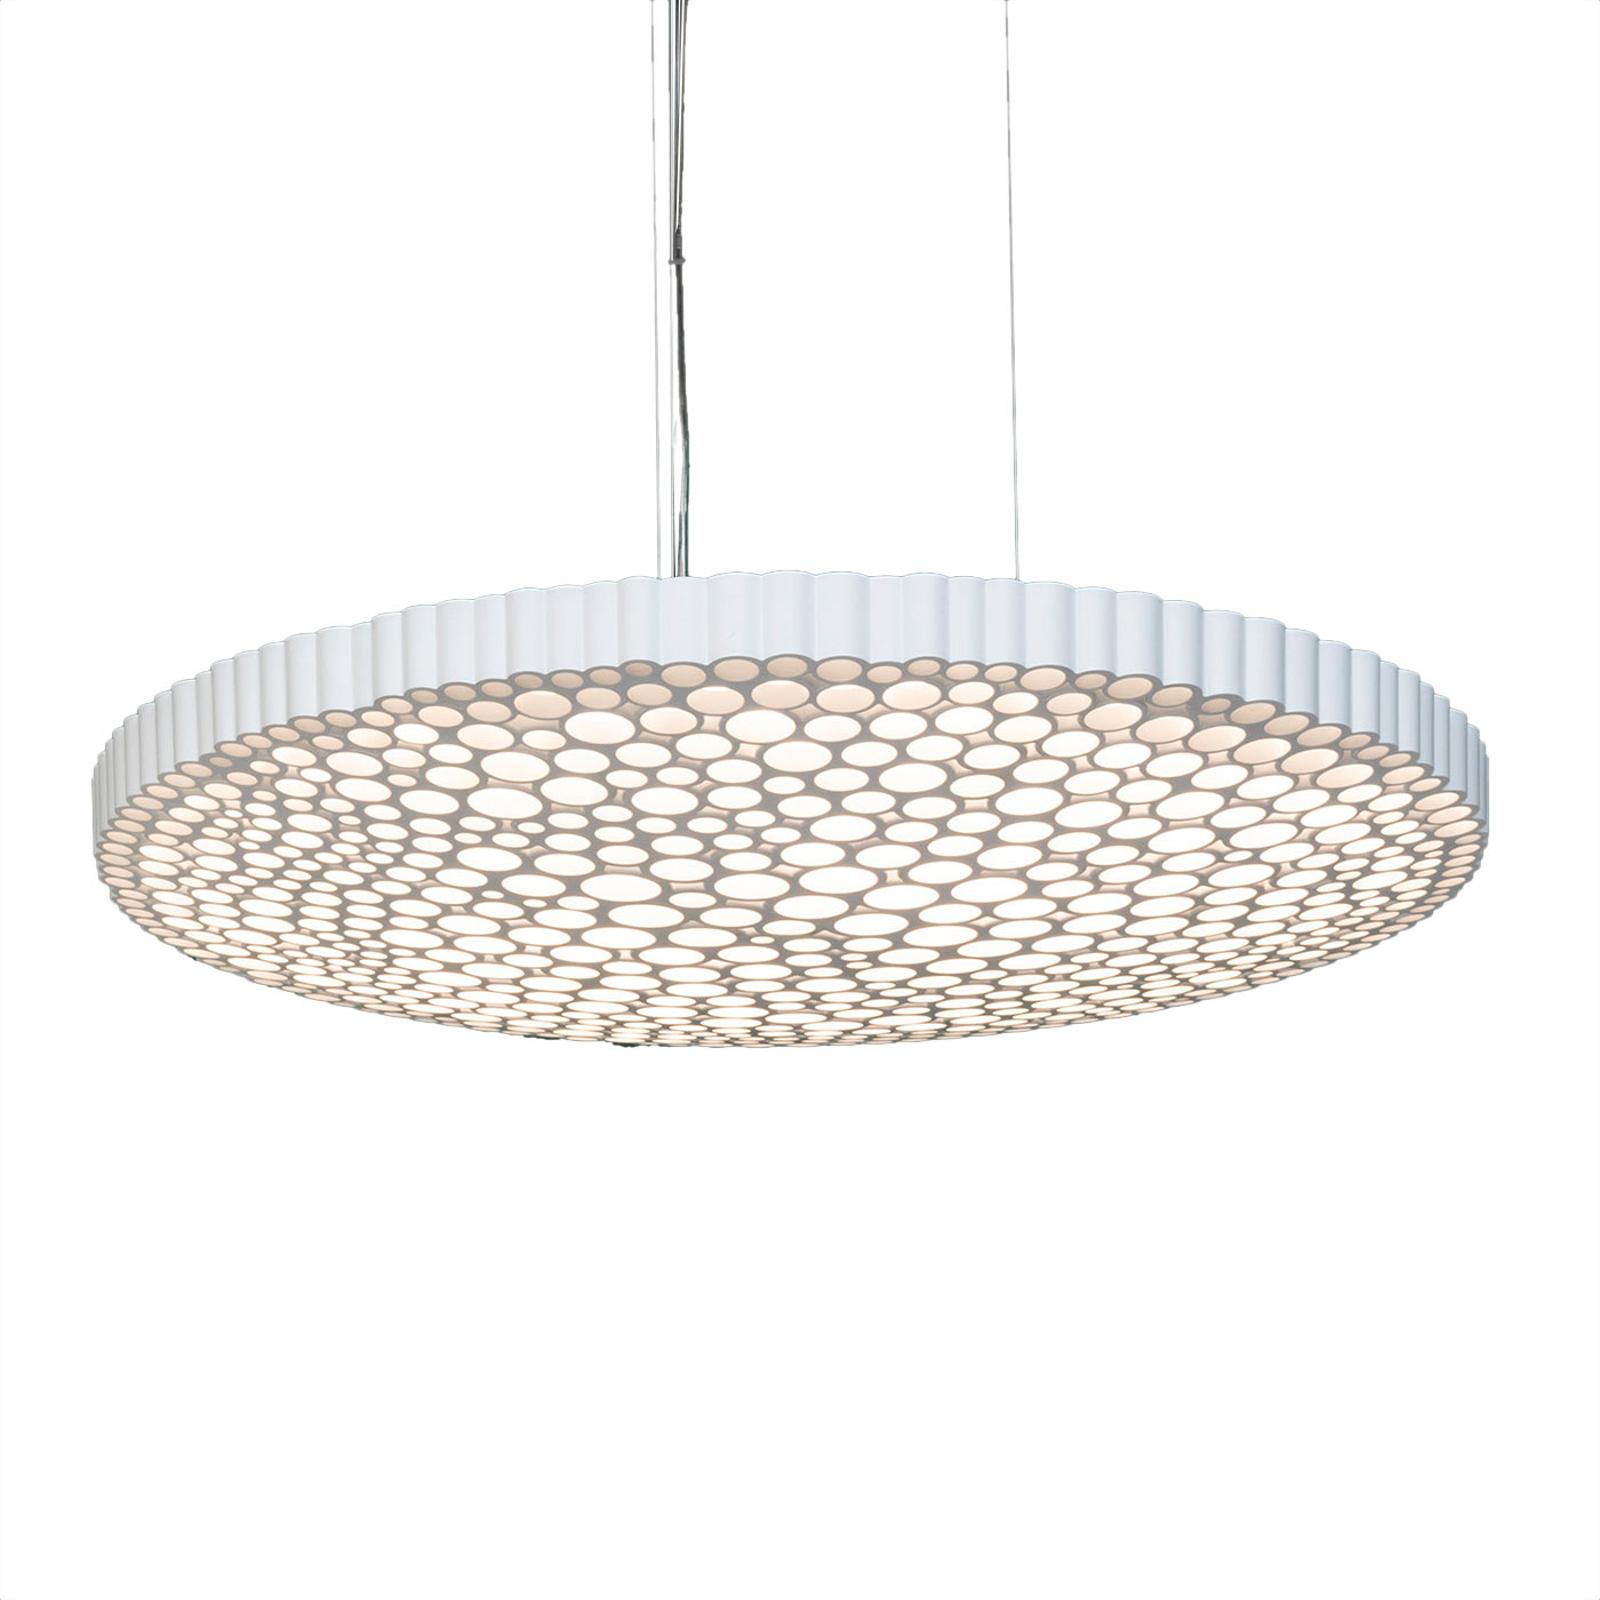 Artemide Calipso suspension LED 2700K